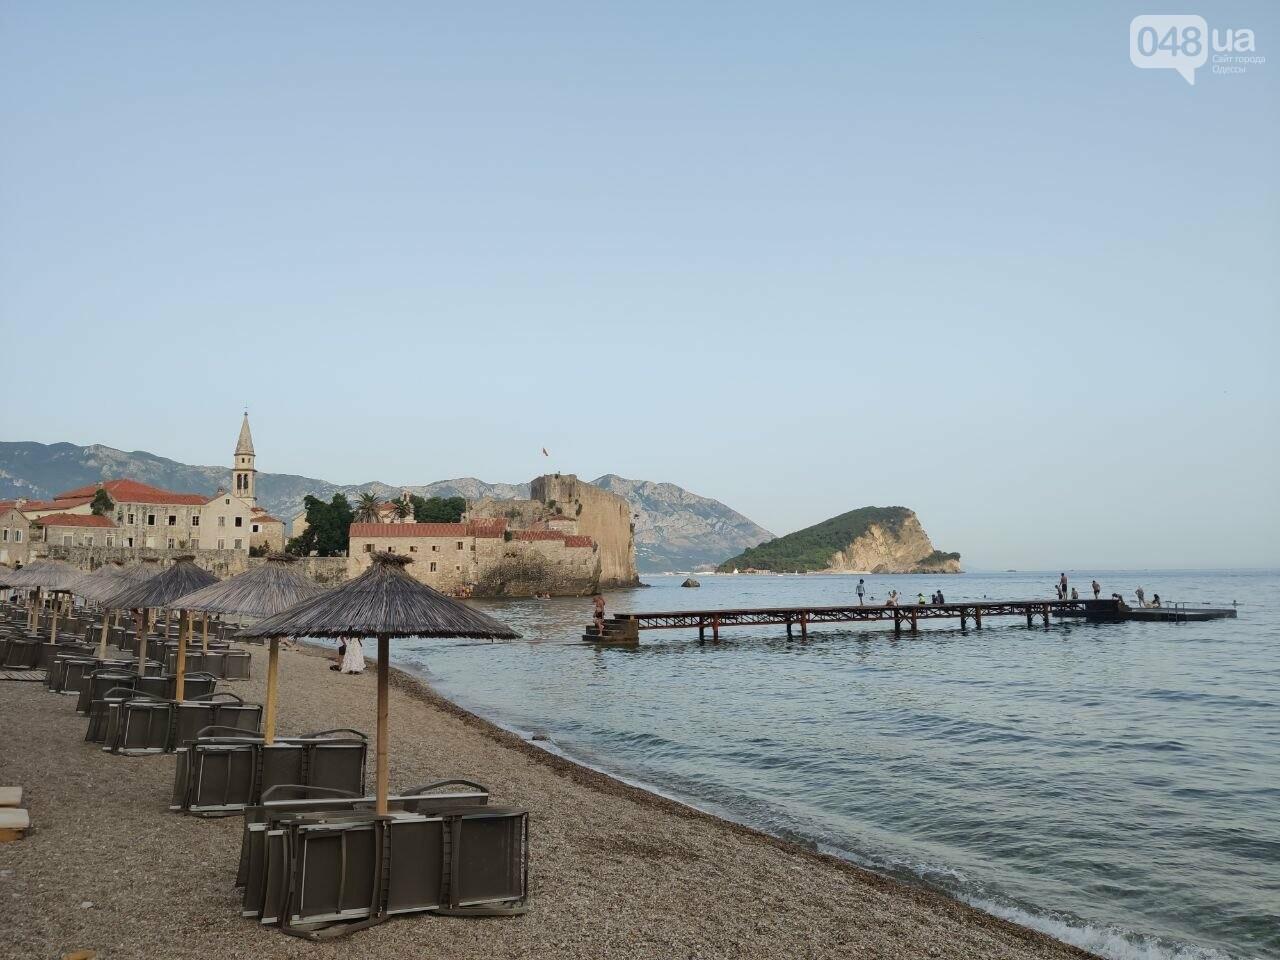 Из Одессы в Черногорию: как бюджетно отдохнуть в горах у моря, - ФОТО, фото-26